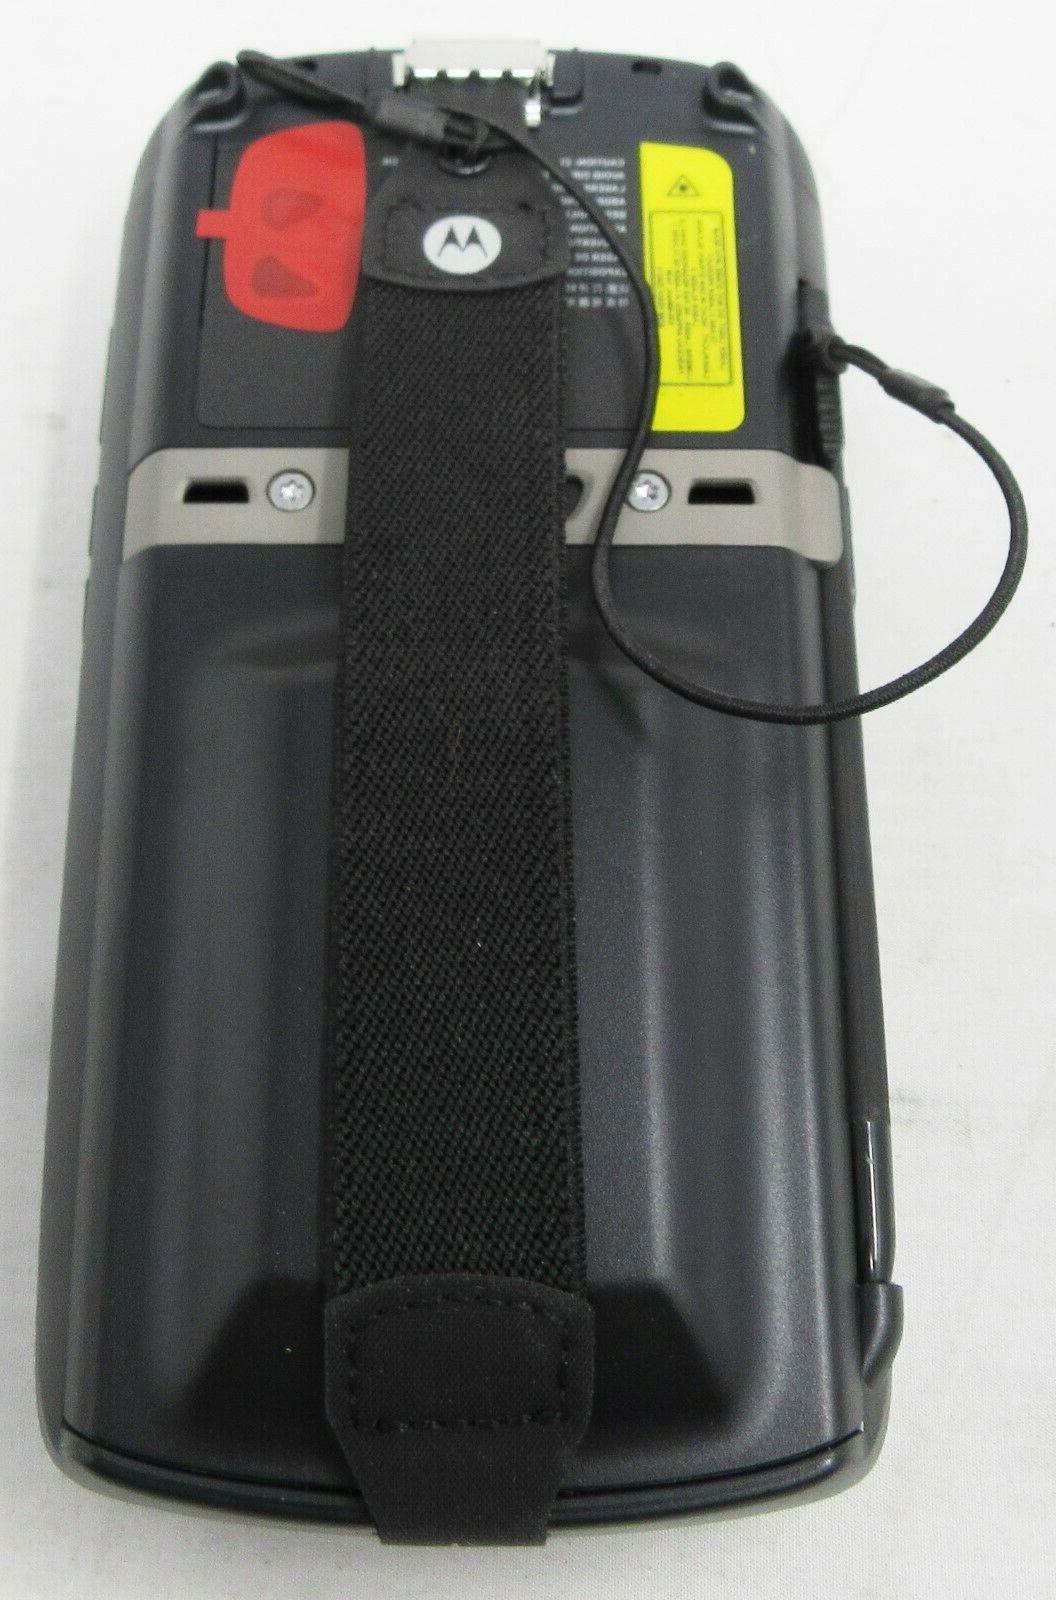 Symbol 2D/1D Barcode Scanner